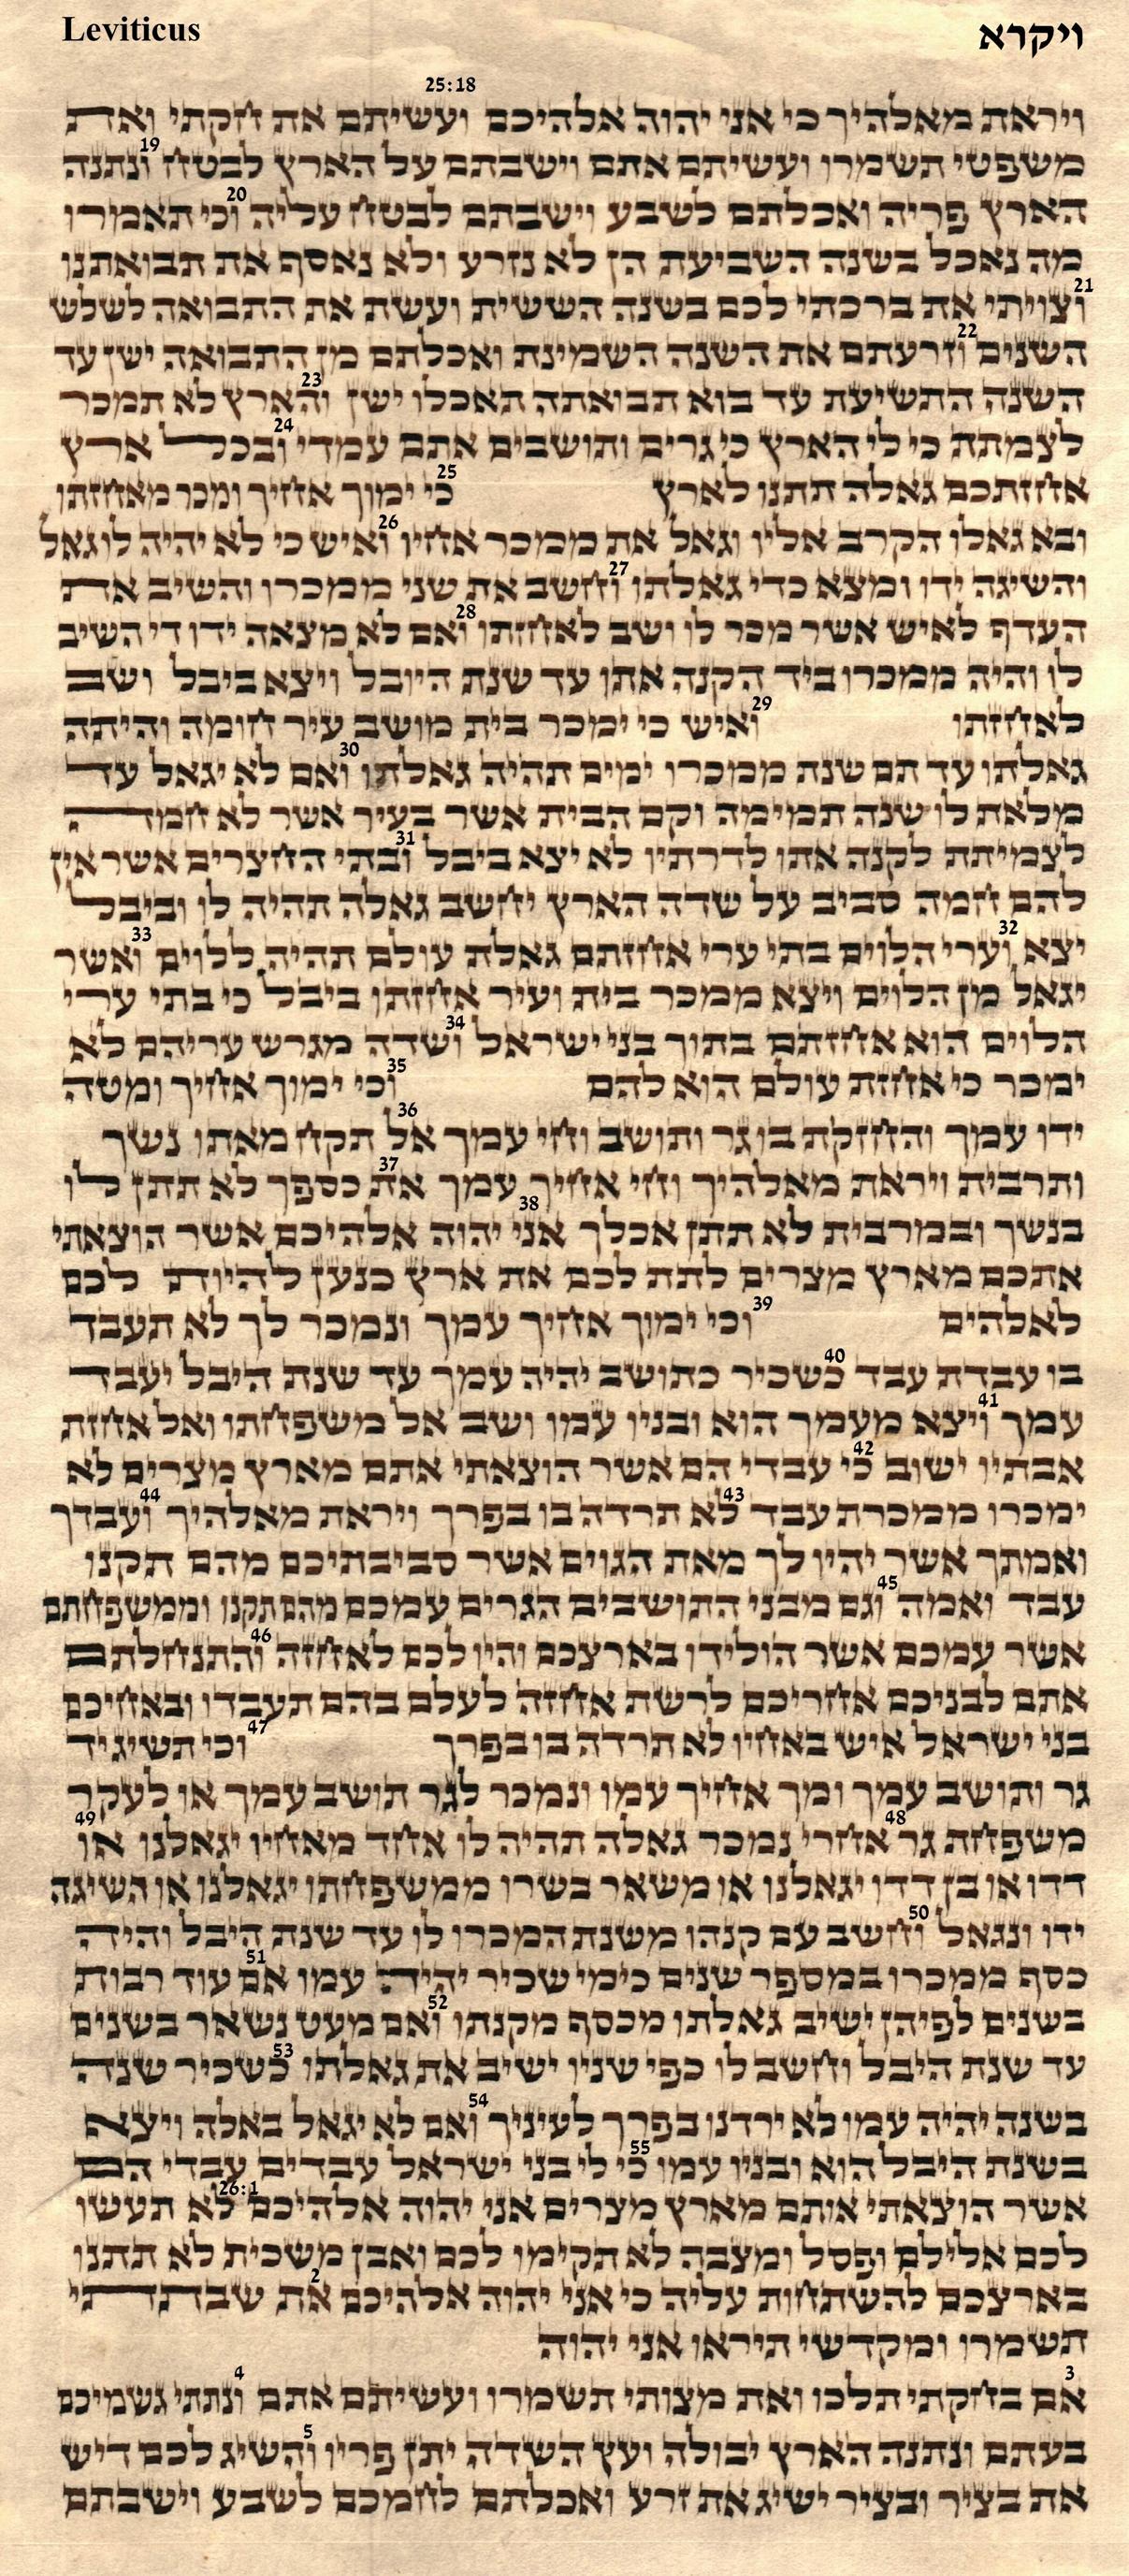 Leviticus 25.18 - 26.5